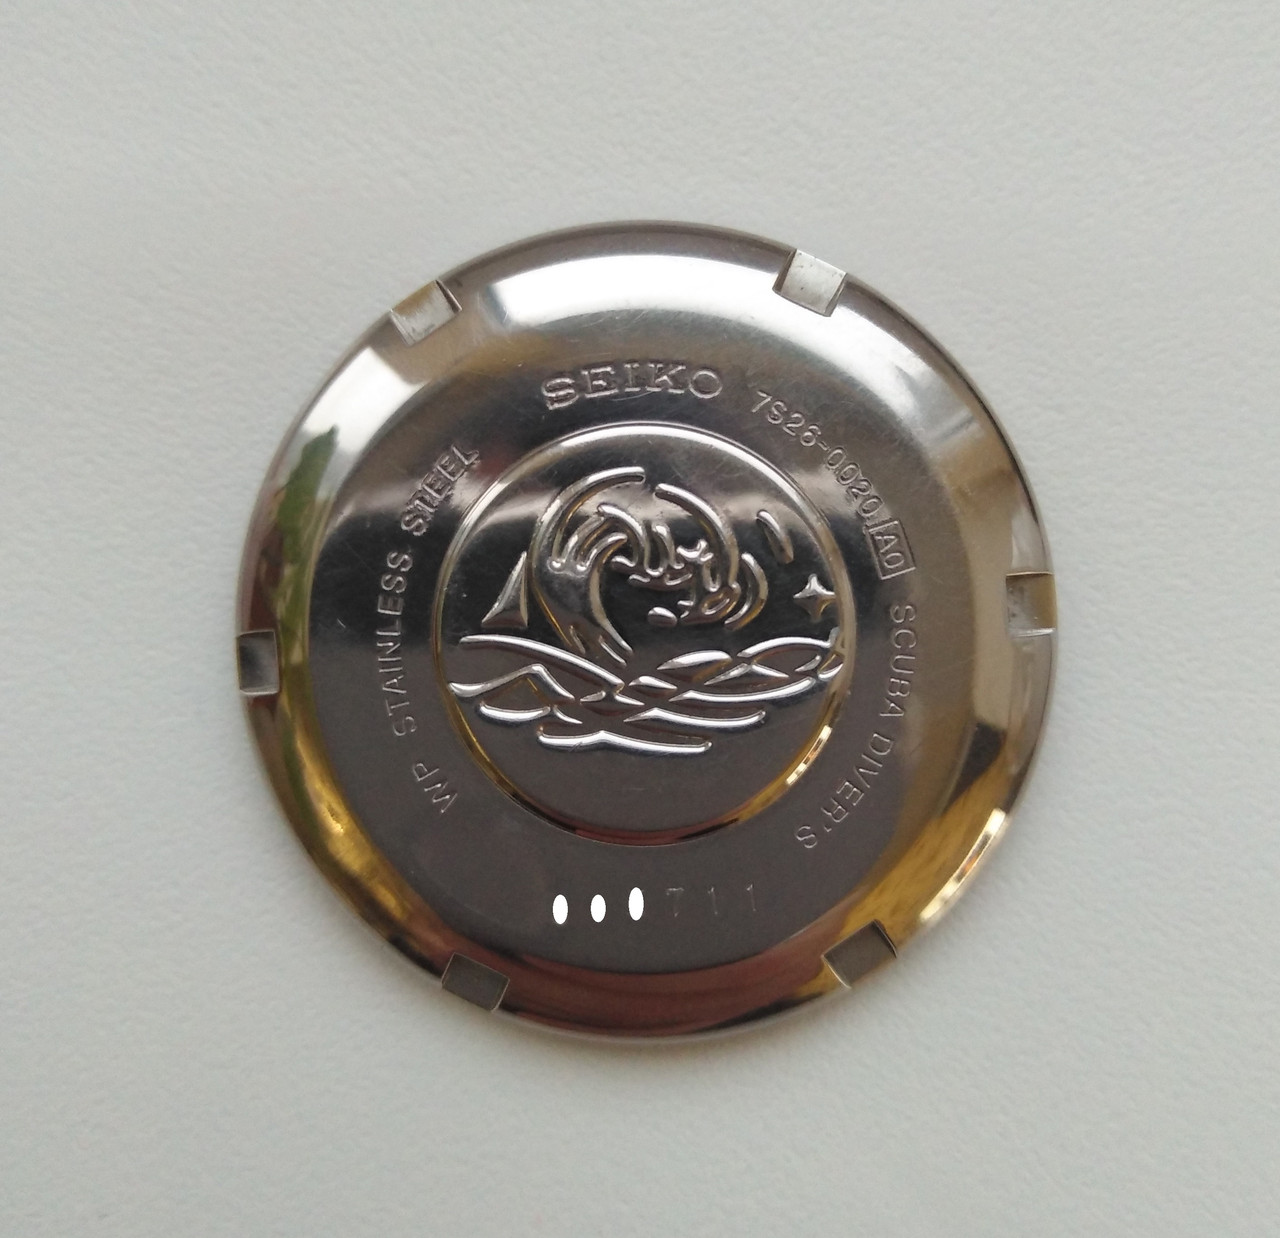 Задняя крышка часов Seiko SKX007